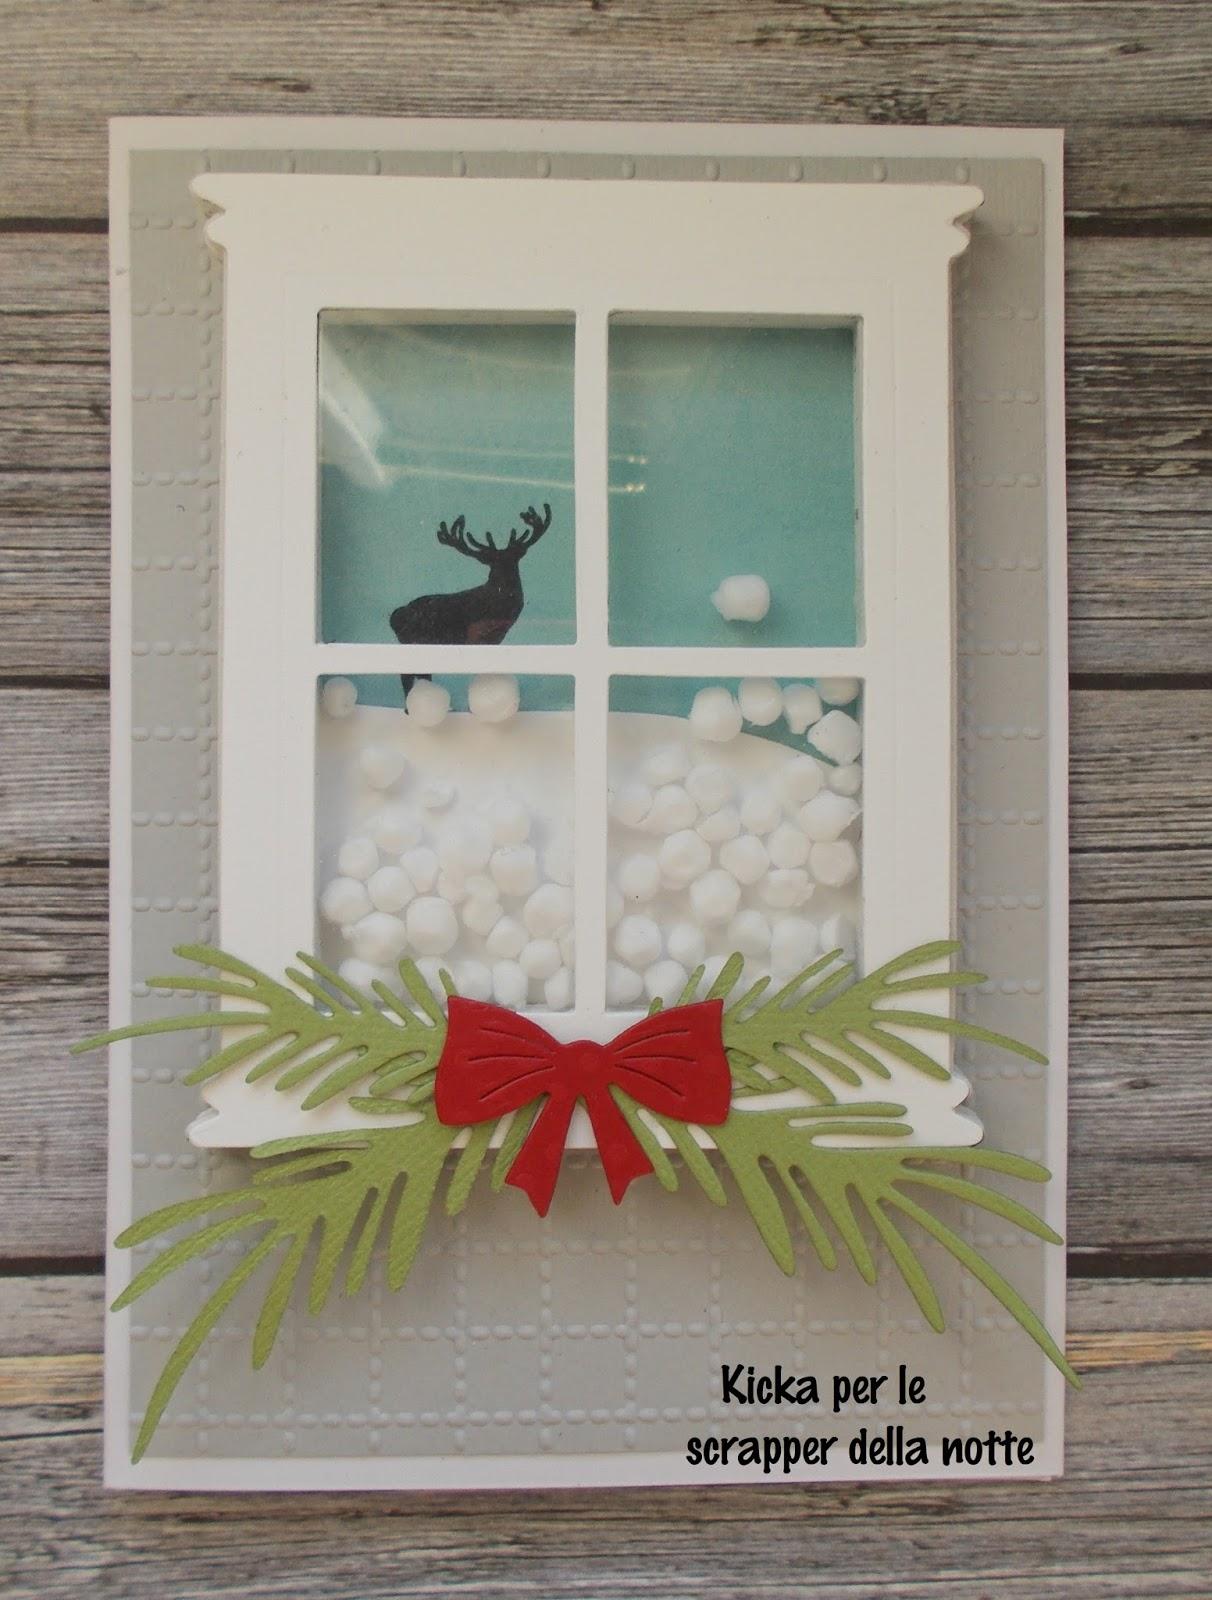 Scrapper della notte uso e oso tema freddo e neve - Cosa vedo dalla mia finestra tema ...